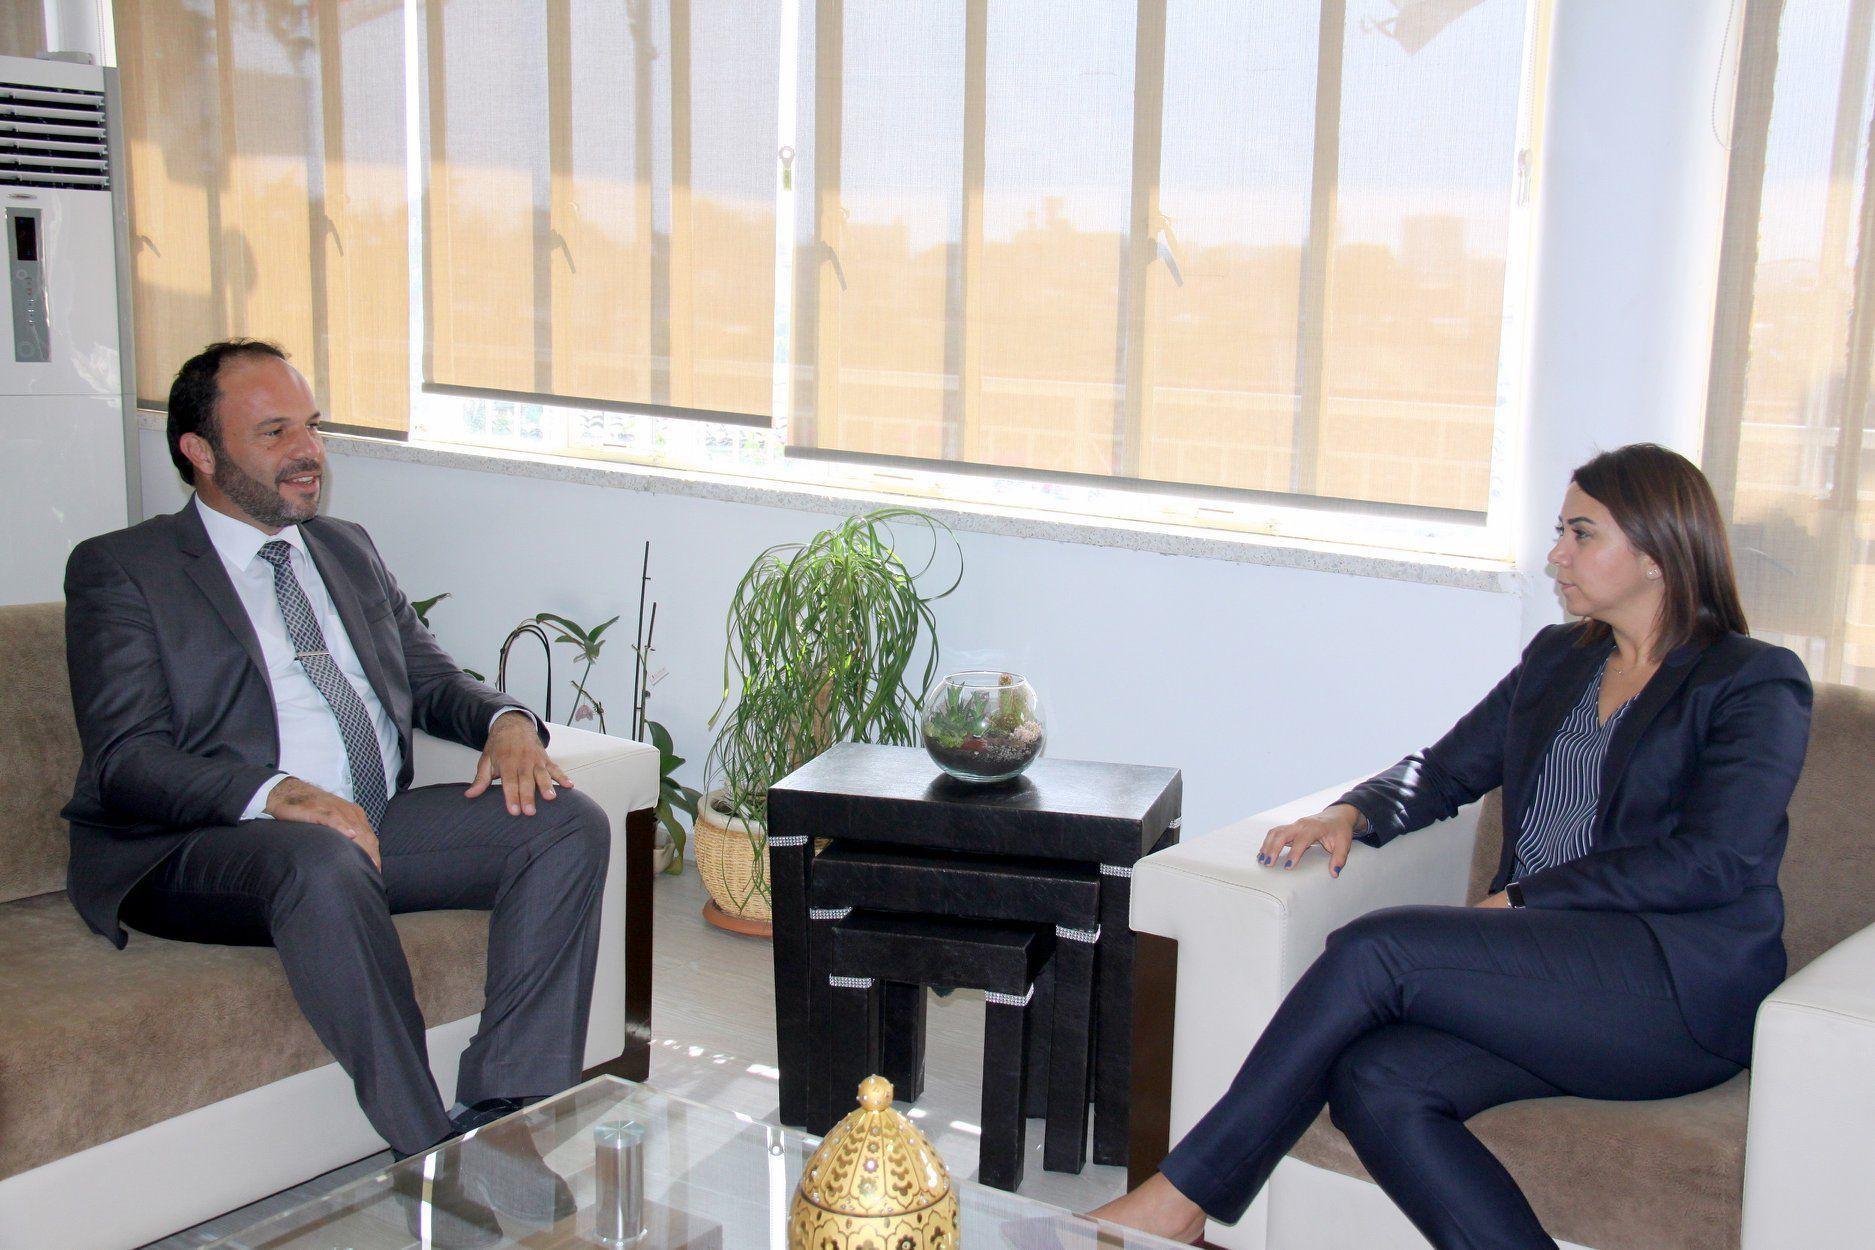 Байбарс: «Искеле активно развивается и становится центром притяжения туристов и киприотов»